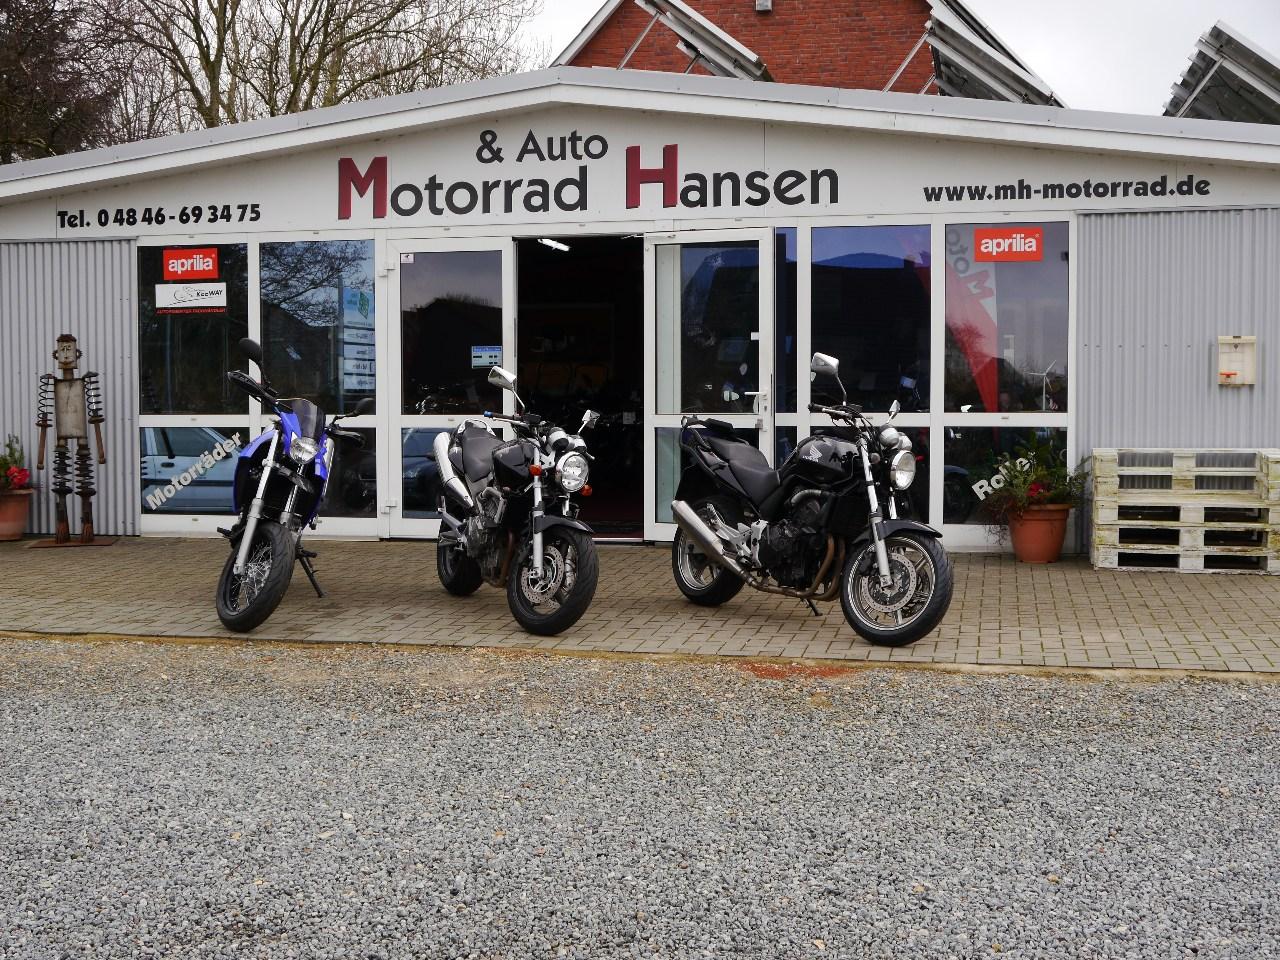 Motorrad Auto Hansen Die Seiten Von Motorrad Hansen Motorräder